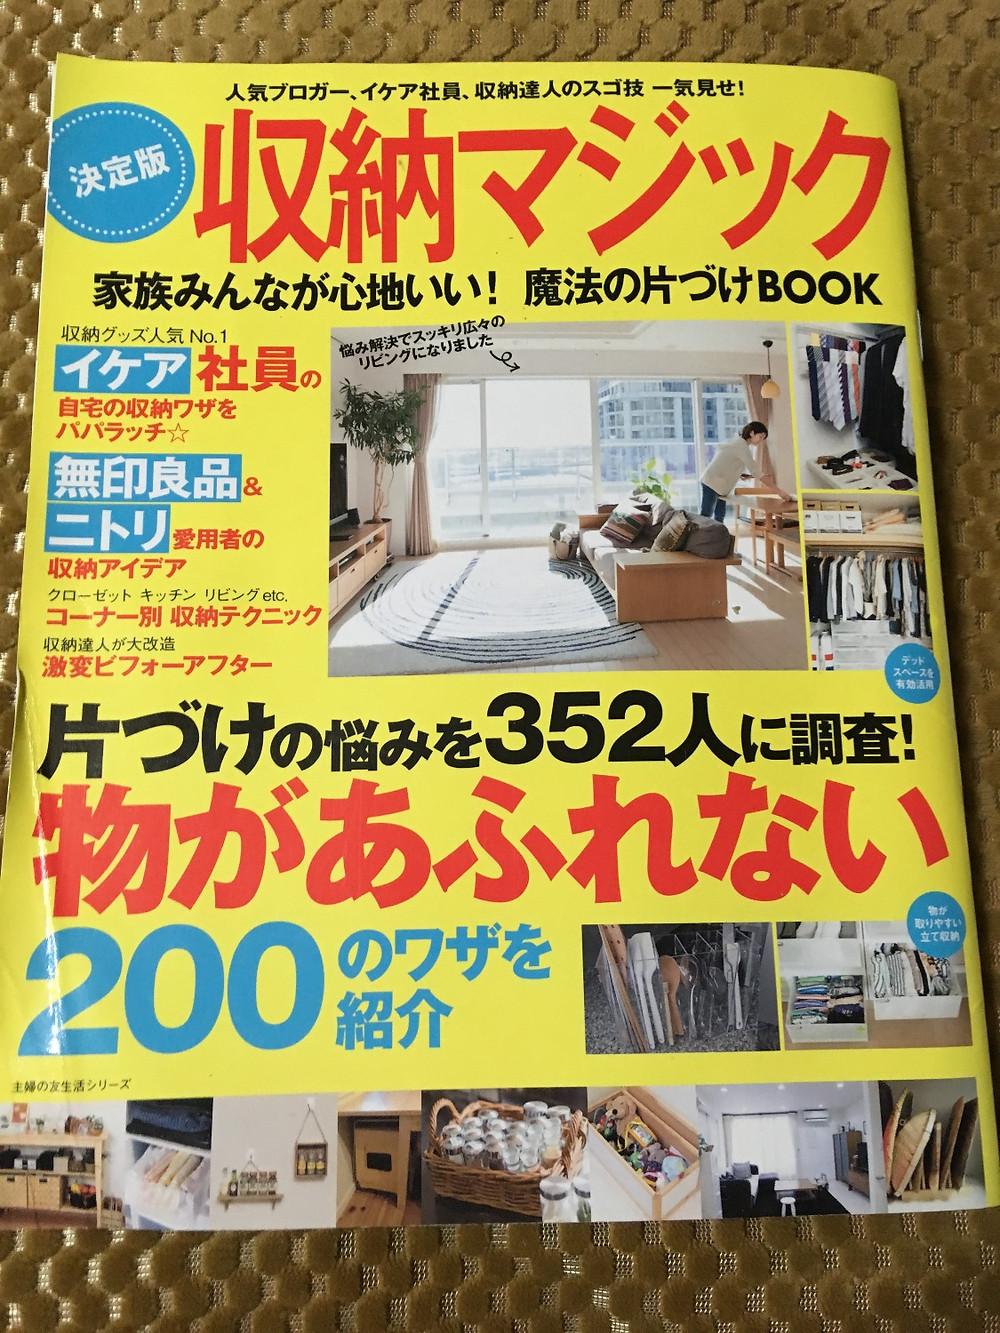 収納の参考になる雑誌